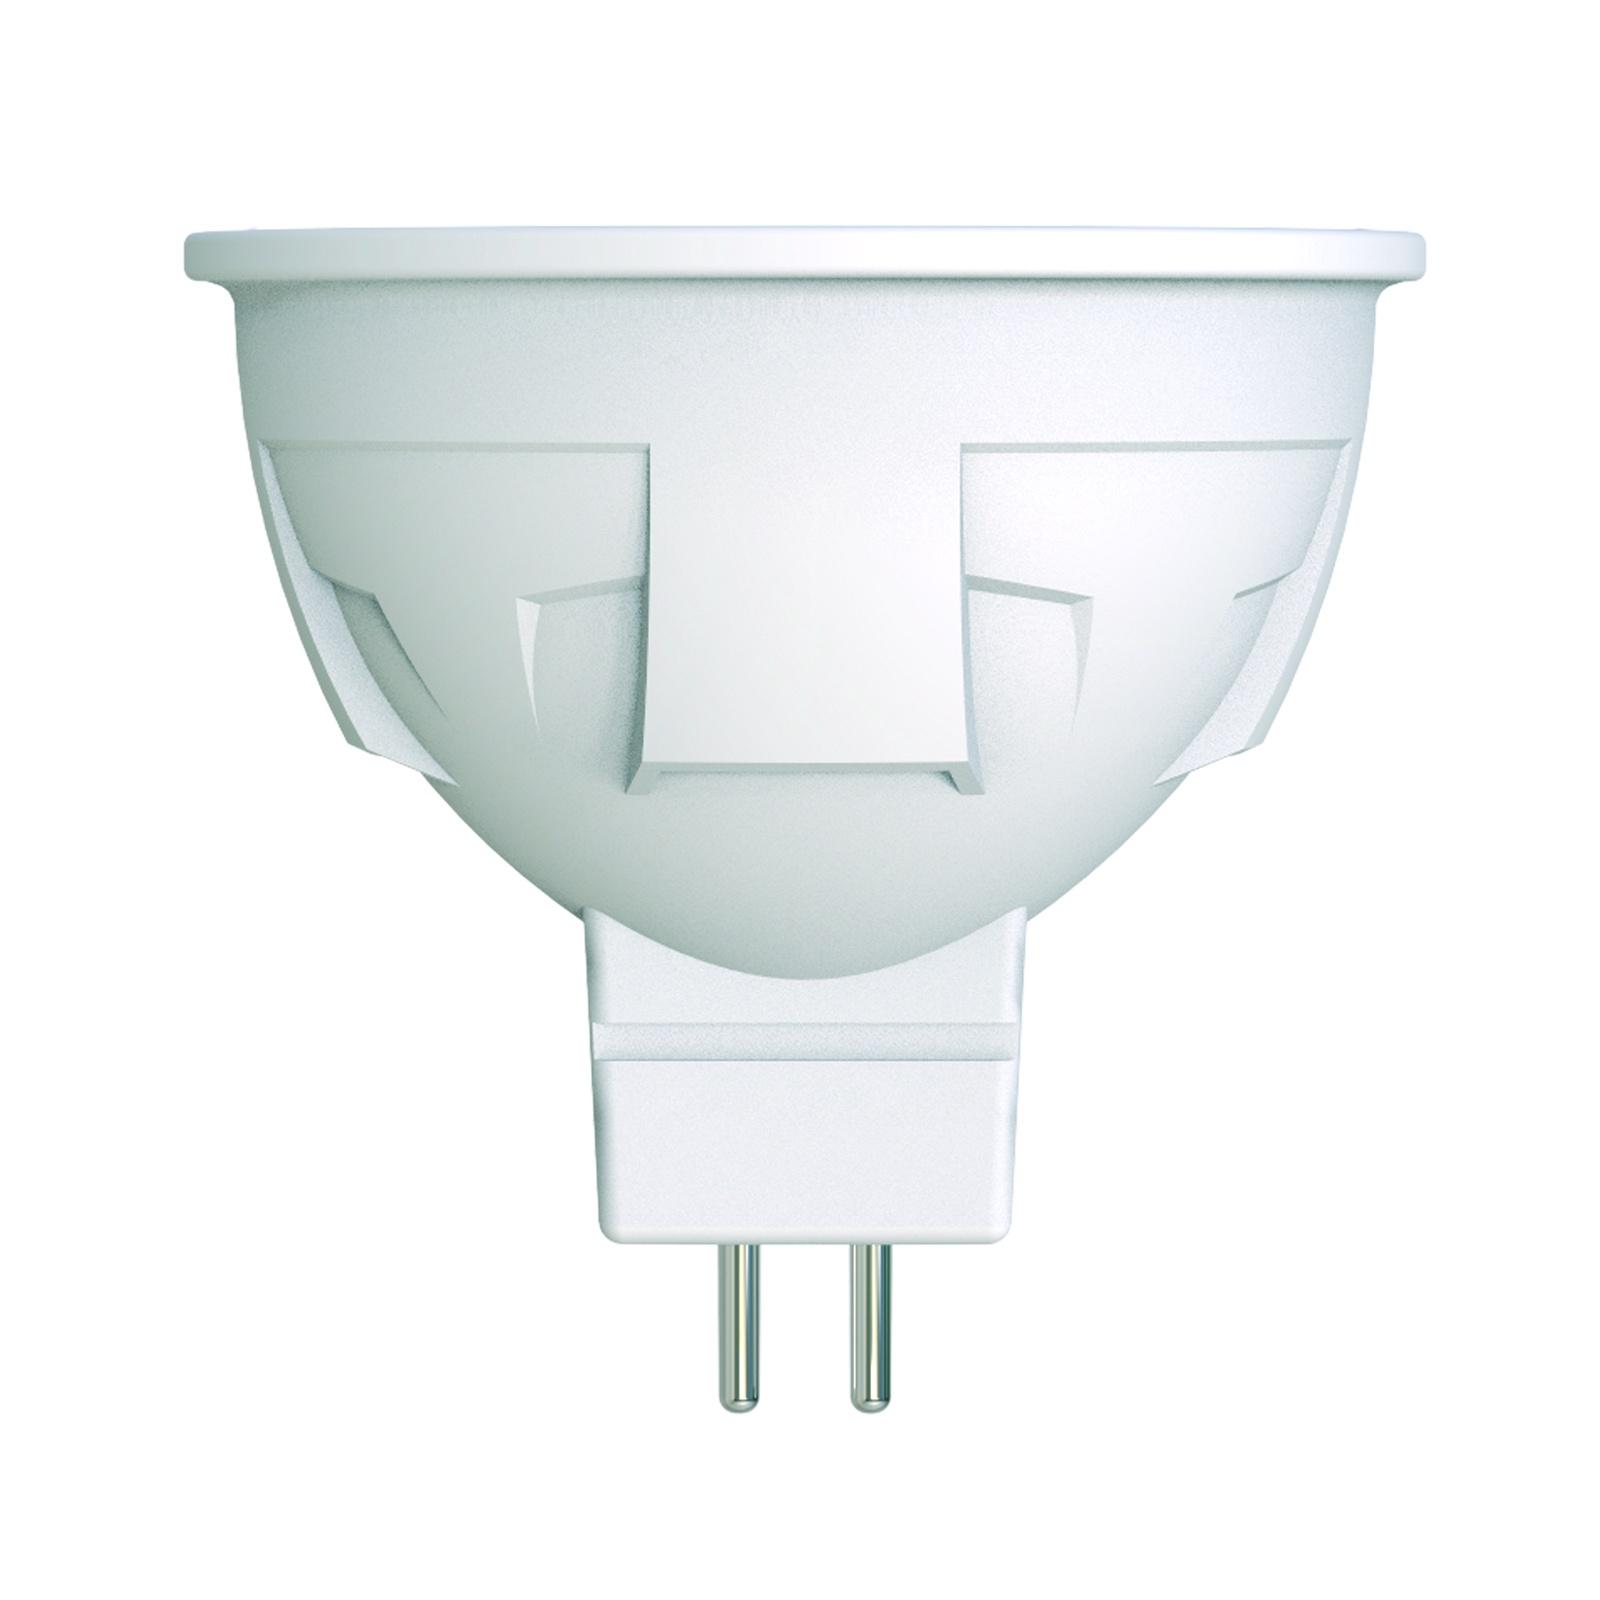 Лампочка Uniel LED-JCDR 6W/NW/GU5.3/FR/DIM 4000K, Нейтральный свет 6 Вт, Светодиодная